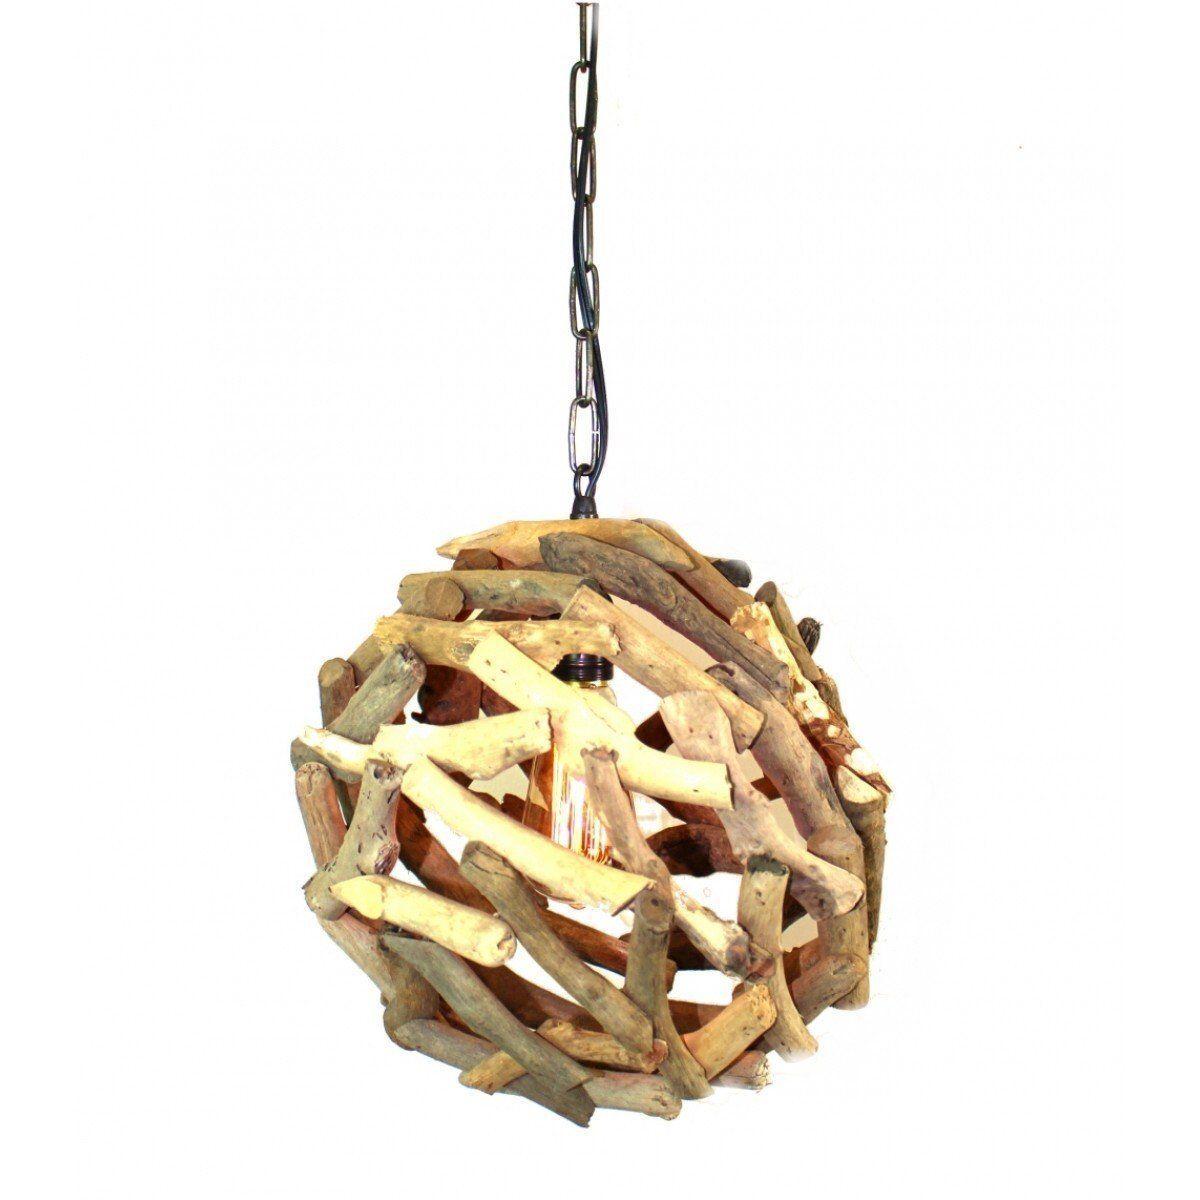 Driftwood ball pendant chandelier ceiling mounted light fixture